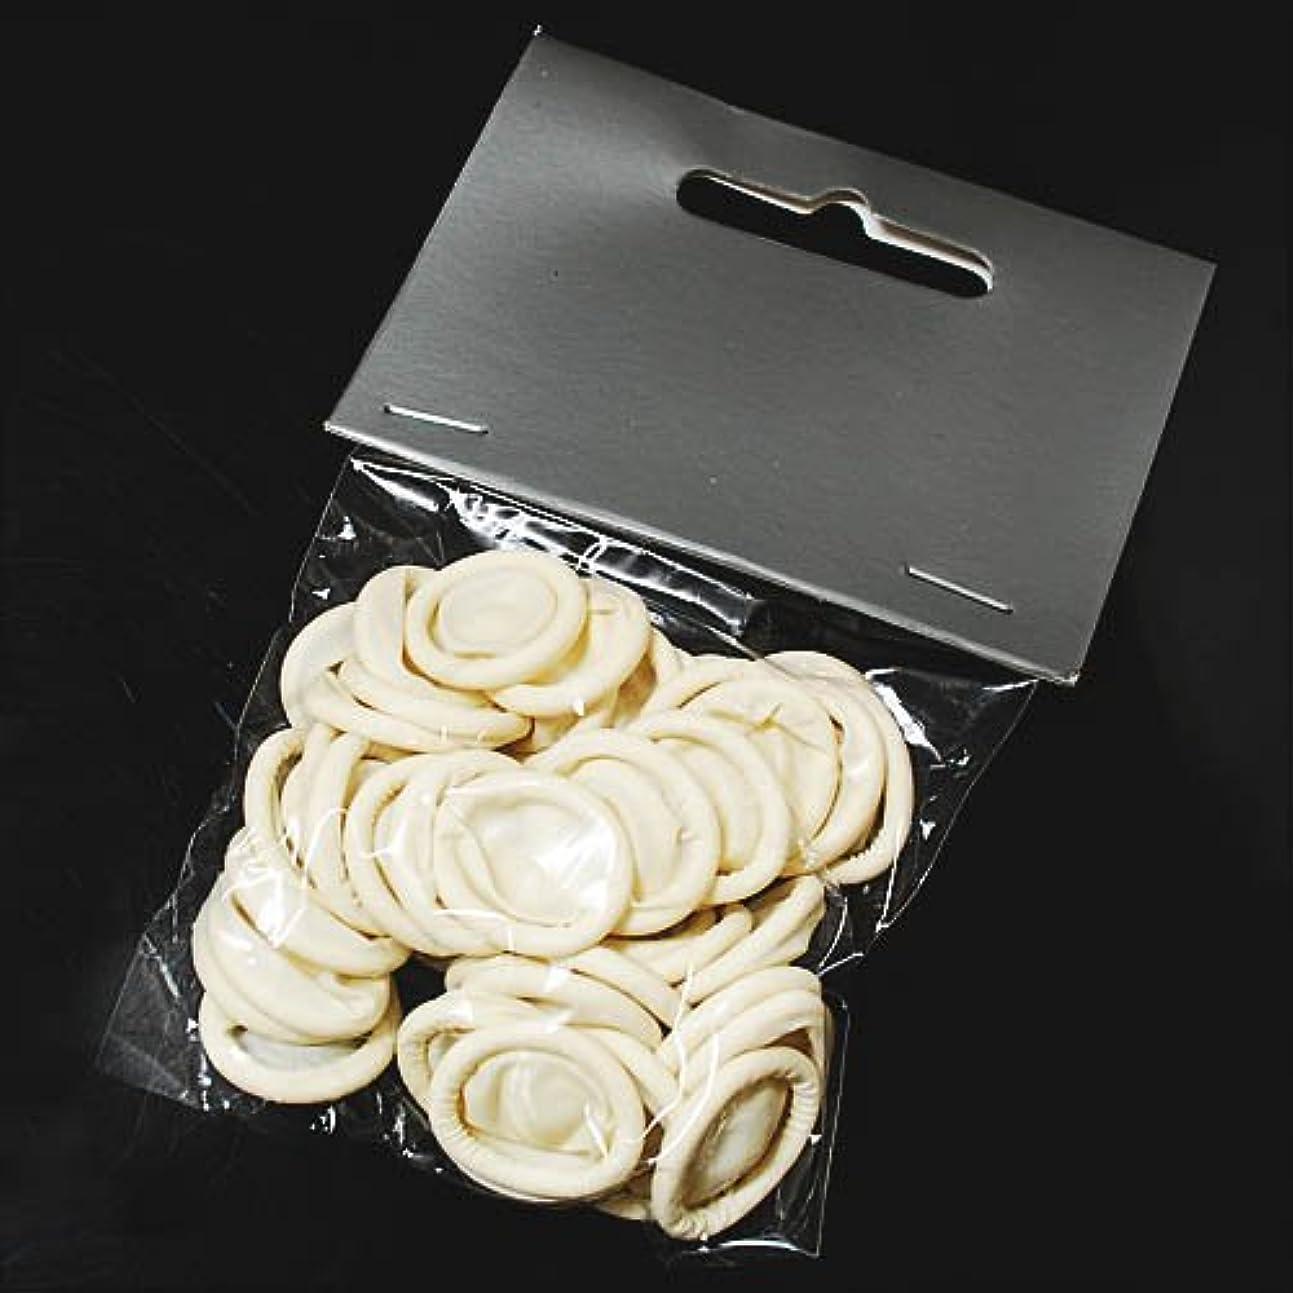 調整クリーナー協同ジェルネイル のオフに使える ジェルネイルオフカバー [50個] フィンガーキャップ